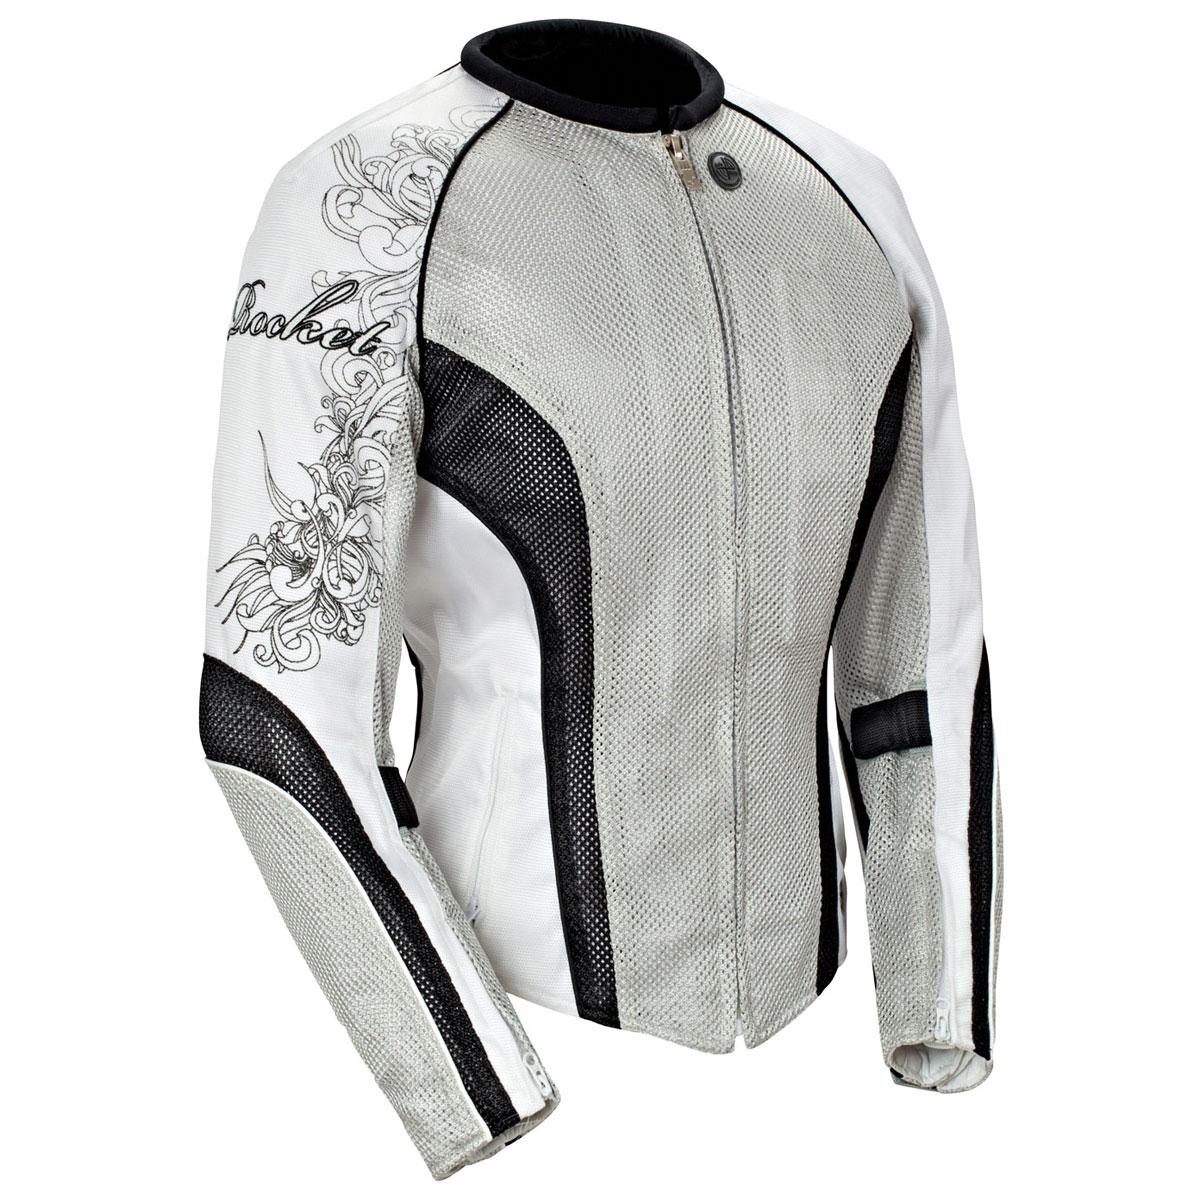 Joe Rocket Women's Cleo 2.2 Silver Jacket